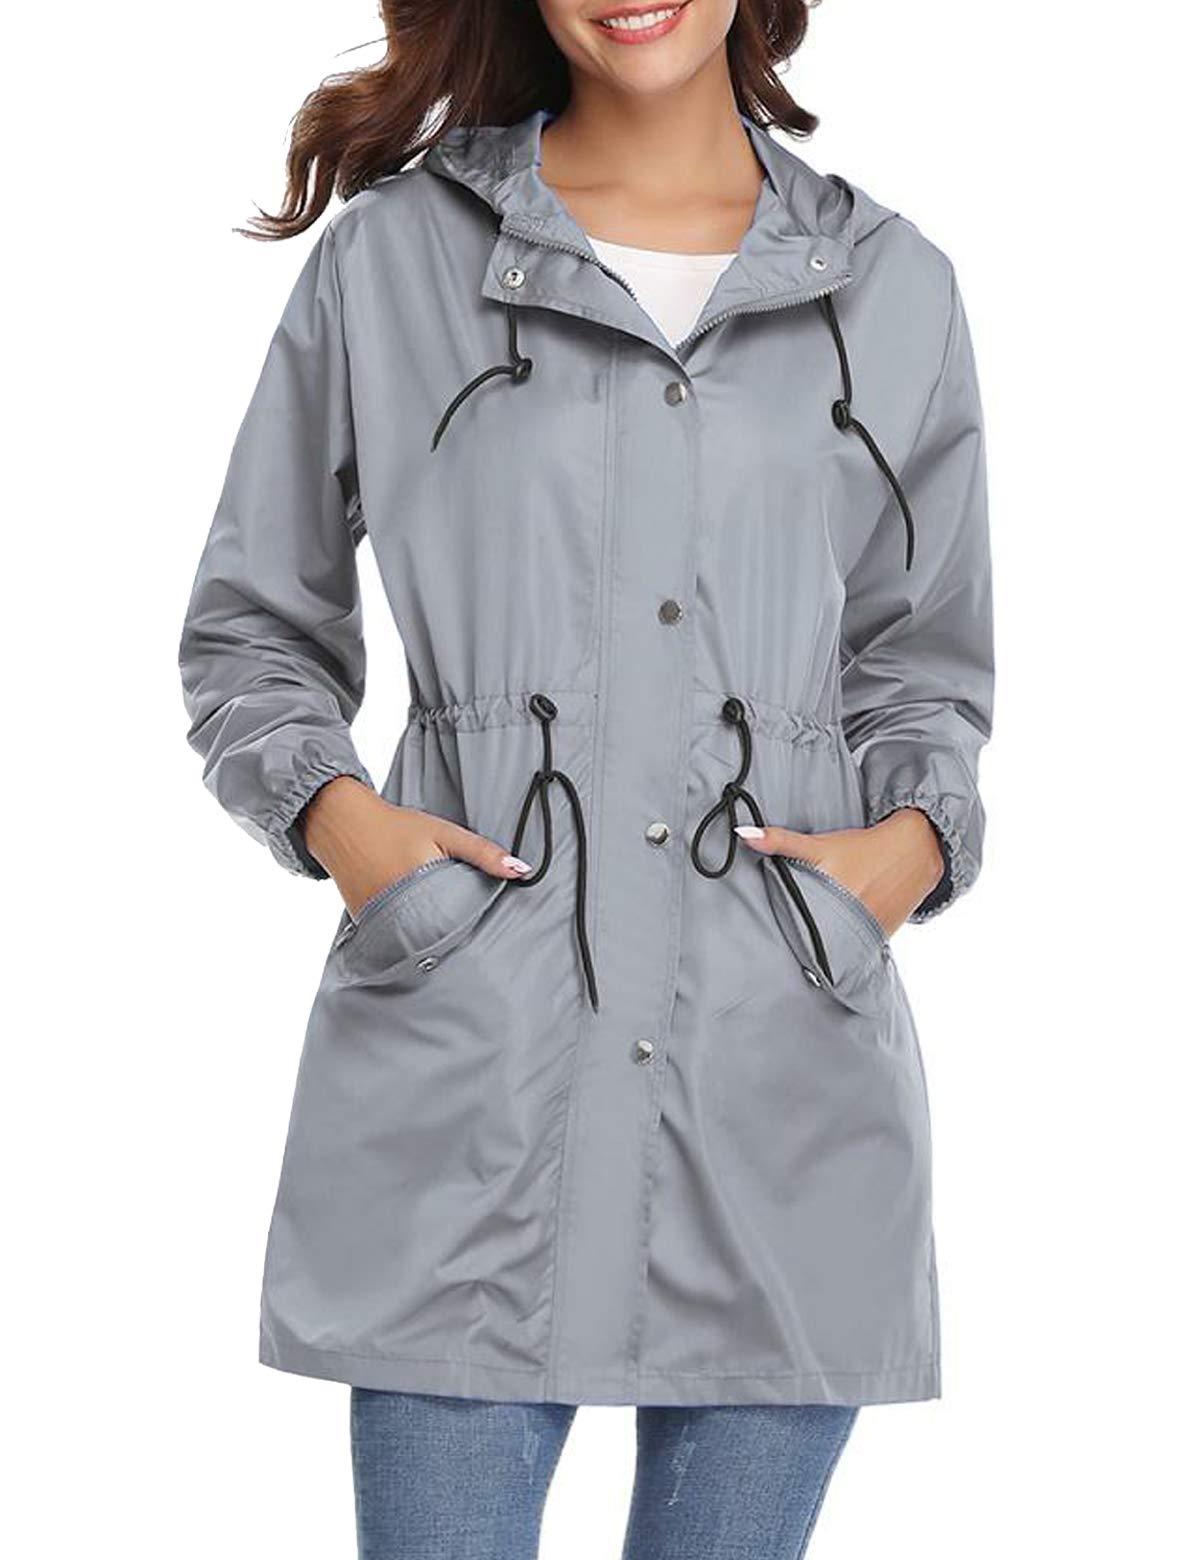 Aibrou Women's Raincoats Waterproof Active Outdoor Lightweight Hooded Windbreaker Rain Jacket